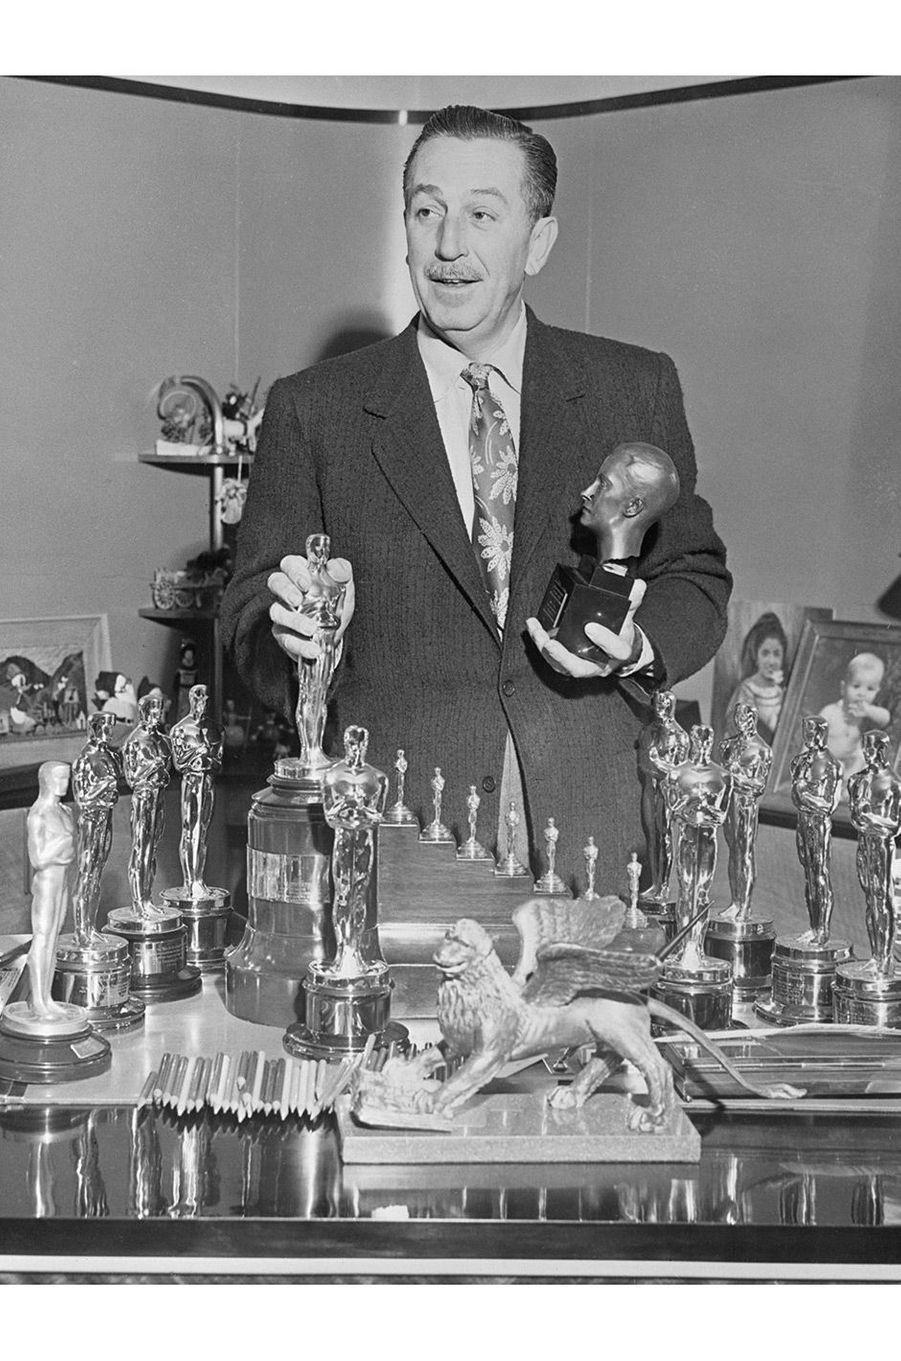 """6ème cérémonie des Oscars (1934)Walt Disney utilise pour la première fois le terme """"Oscars"""" qui deviendra le nom de cette cérémonie de récompenses, auparavant appelée """"Academy Awards"""" en référence à l'association """"Academy of Motion Picture Arts and Sciences"""" qui l'organise(Photo : Walt Disney pose avec tous ses trophées en 1954)"""